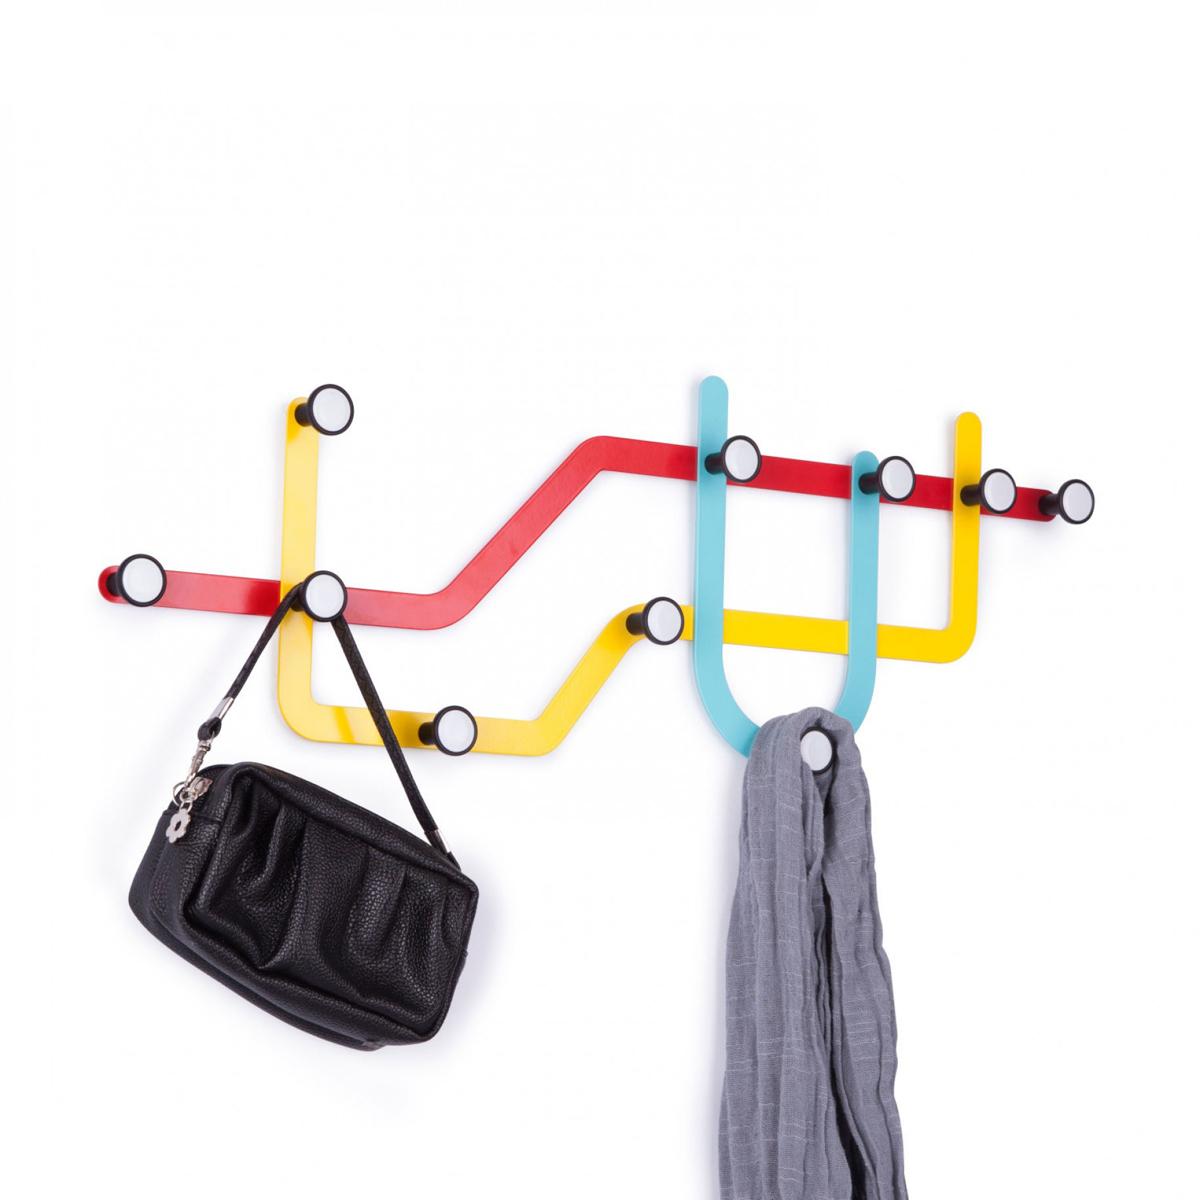 Вешалка Umbra Subway, цвет: мульти, 10 крючковБрелок для ключейОригинальная вешалка Umbra Subway, напоминающая карту метро, имеет 10 крючков для одежды, каждый из которых выдерживает вес до 2,3 кг.Никогда еще метро не было столь удобным для повседневных нужд! Вешалку можно разместить и горизонтально и вертикально, все монтажное оборудование входит в комплект. Размер вешалки: 59 см х 21 см х 2,5 см.